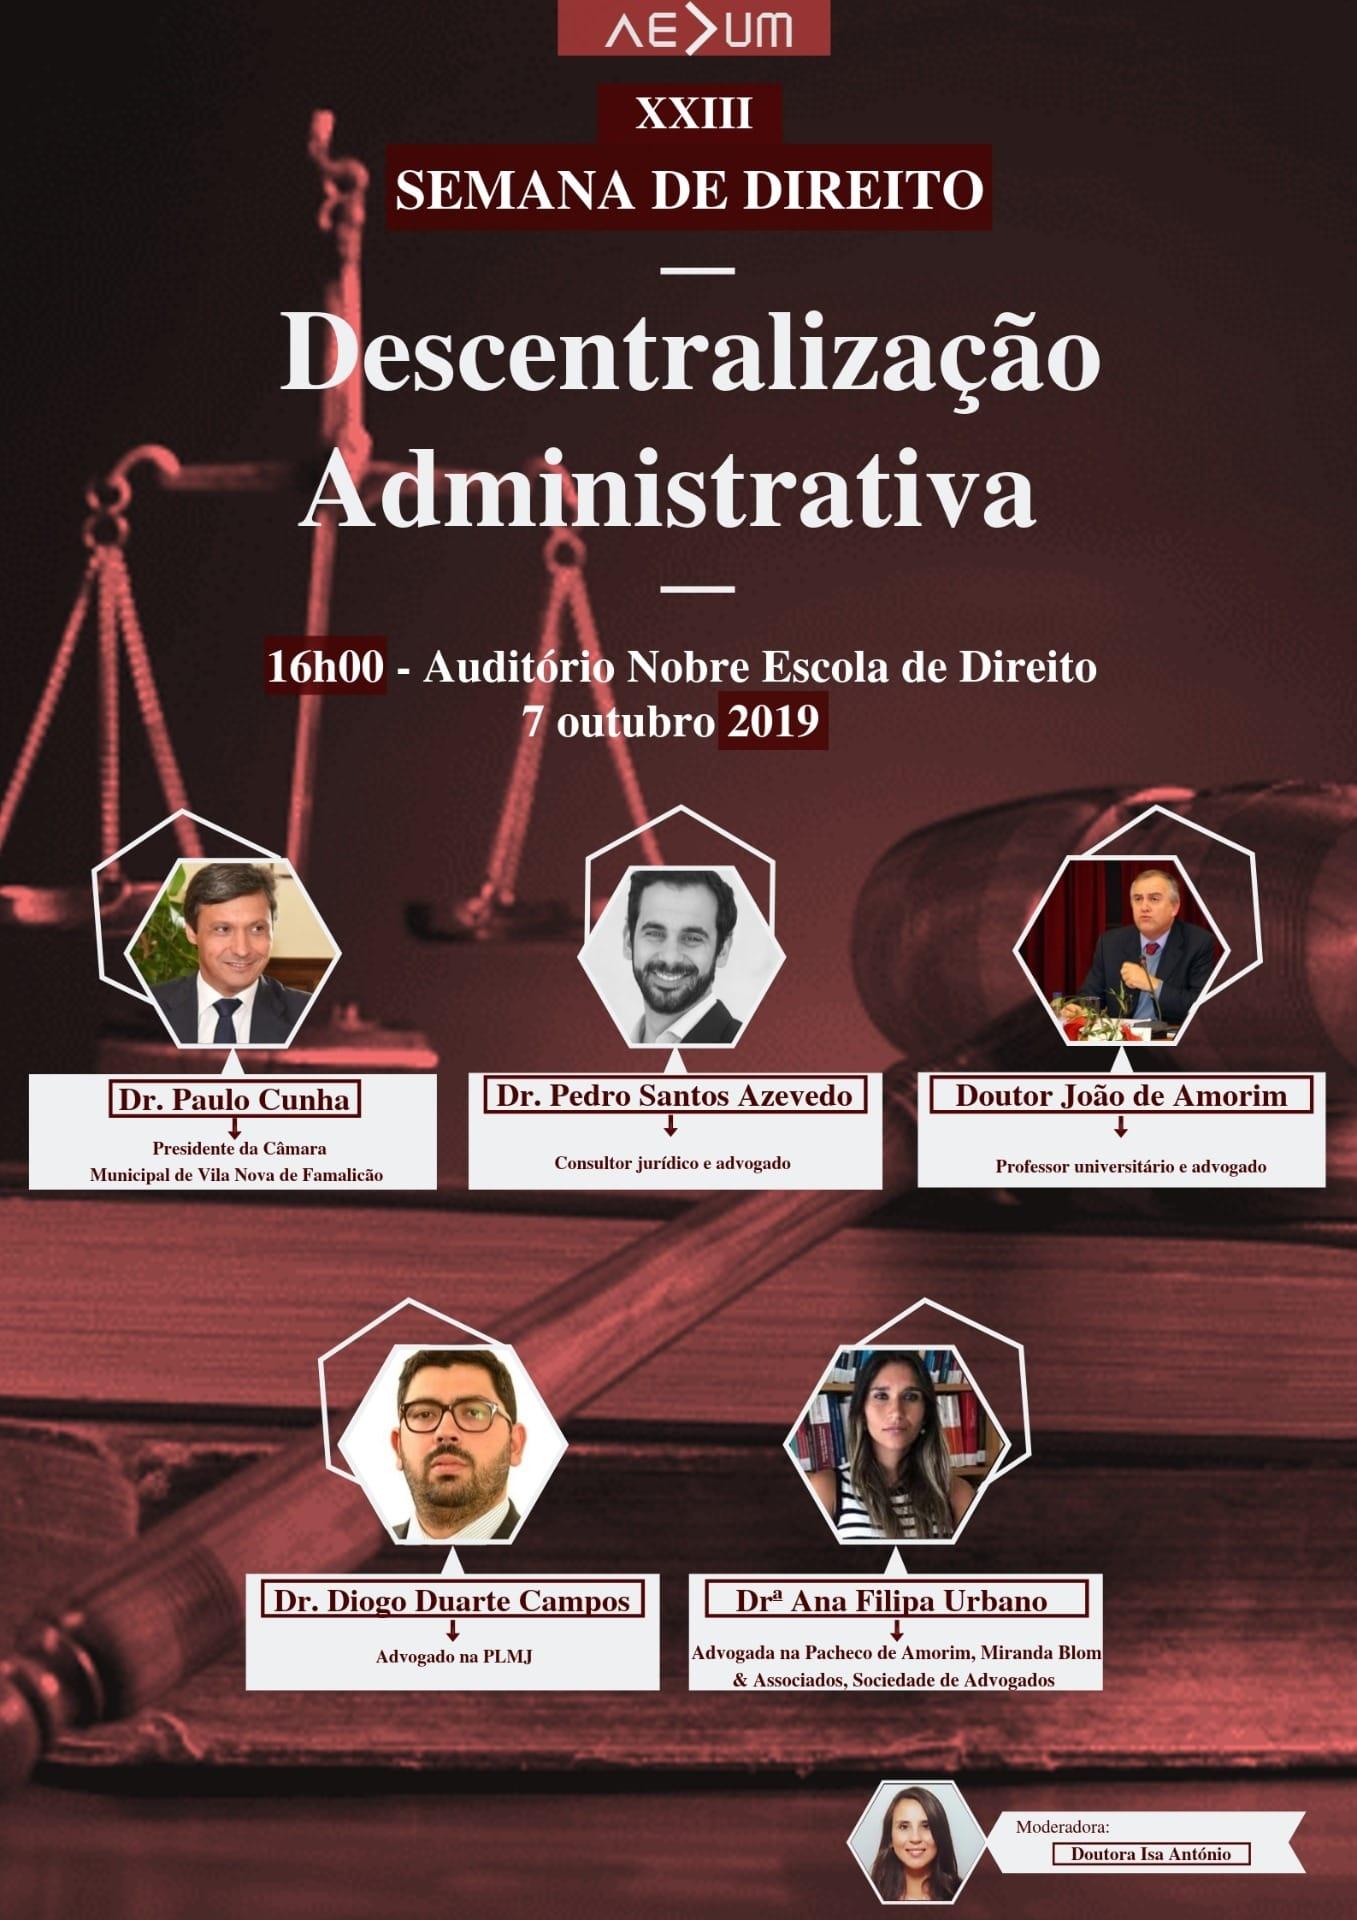 XXIII Semana de Direito – Descentralização Administrativa